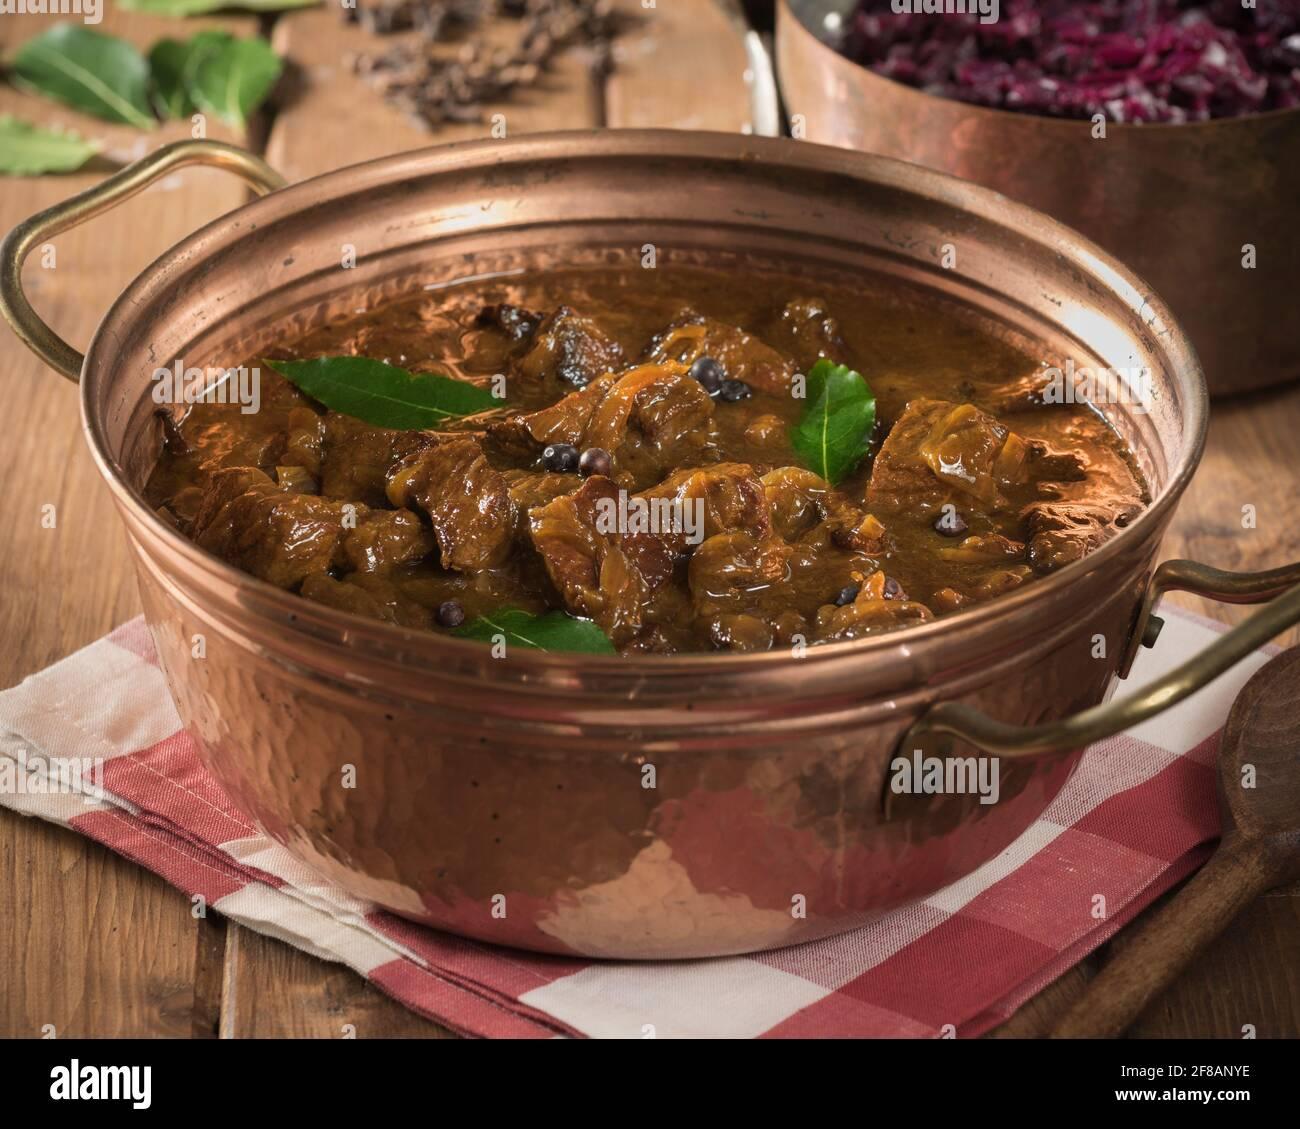 Haché. Ragoût de bœuf hollandais et d'oignon au chou rouge. Pays-Bas alimentation Banque D'Images